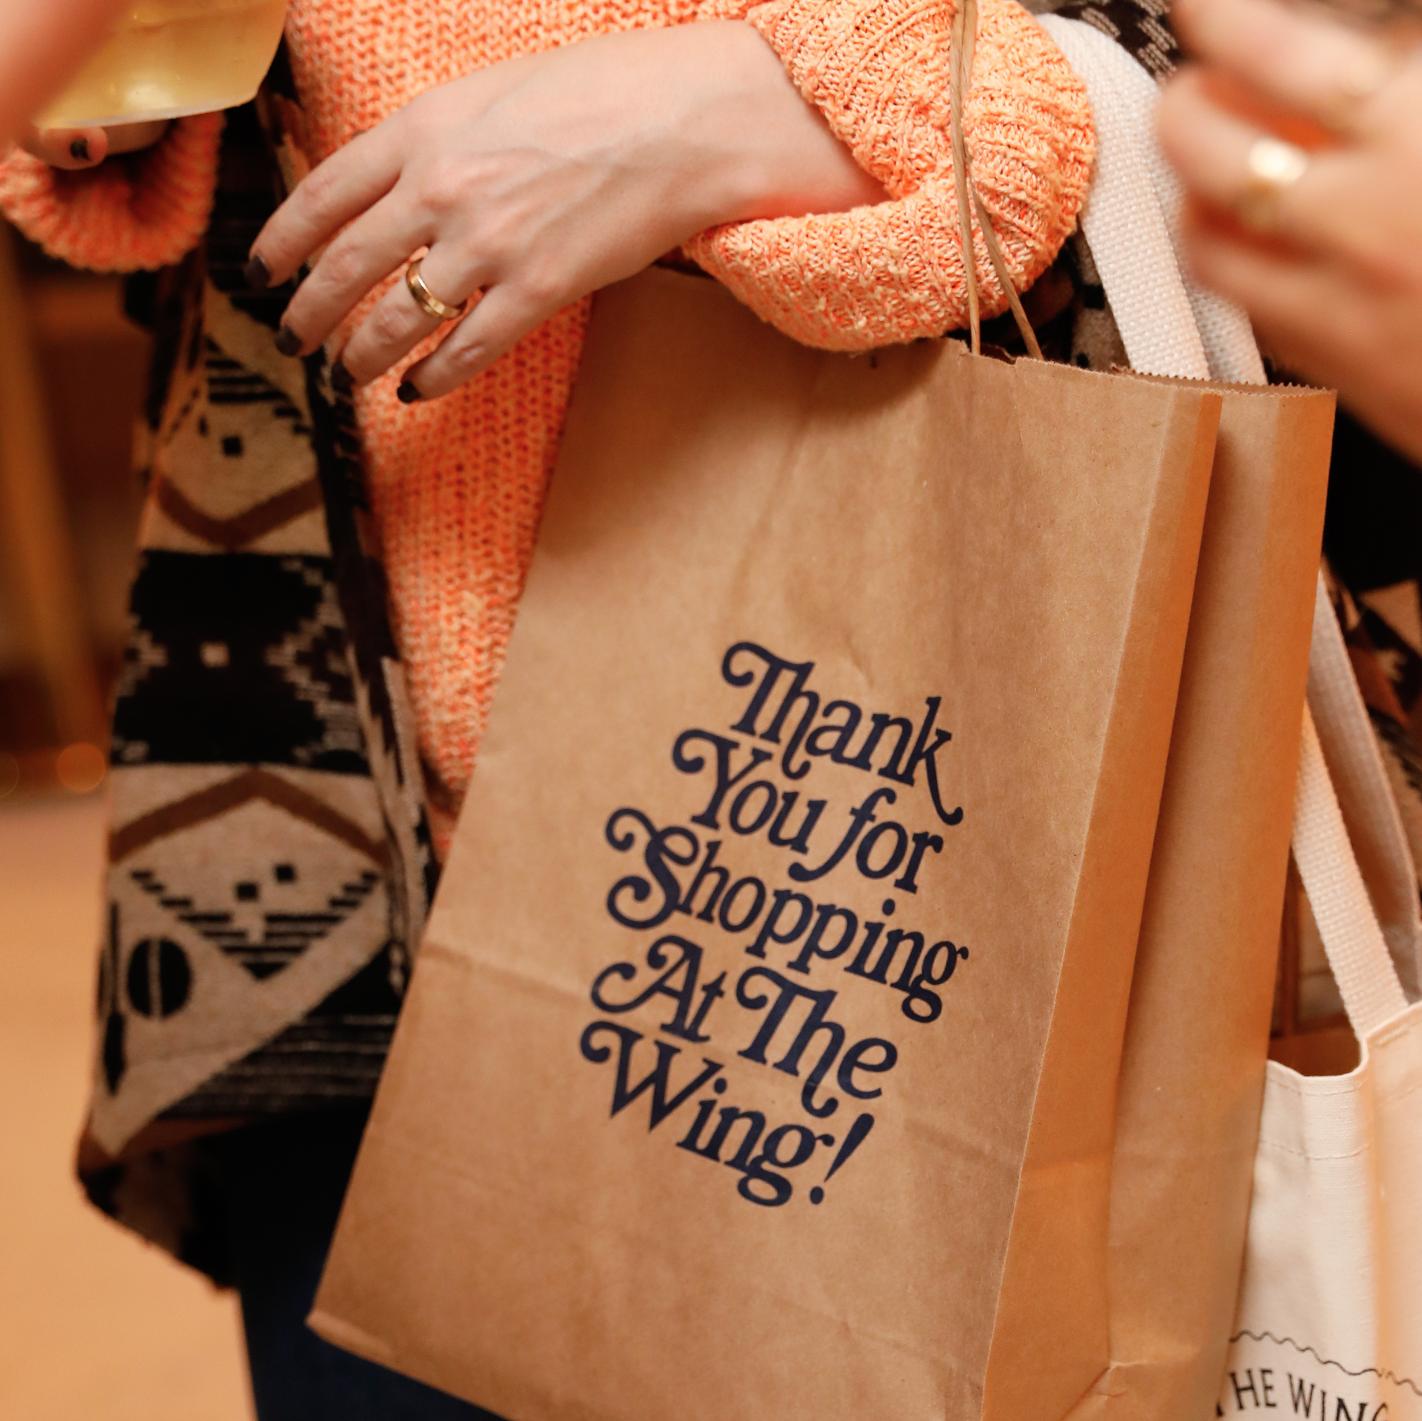 Goodspeed_Wing_ThankYou-Bag.png